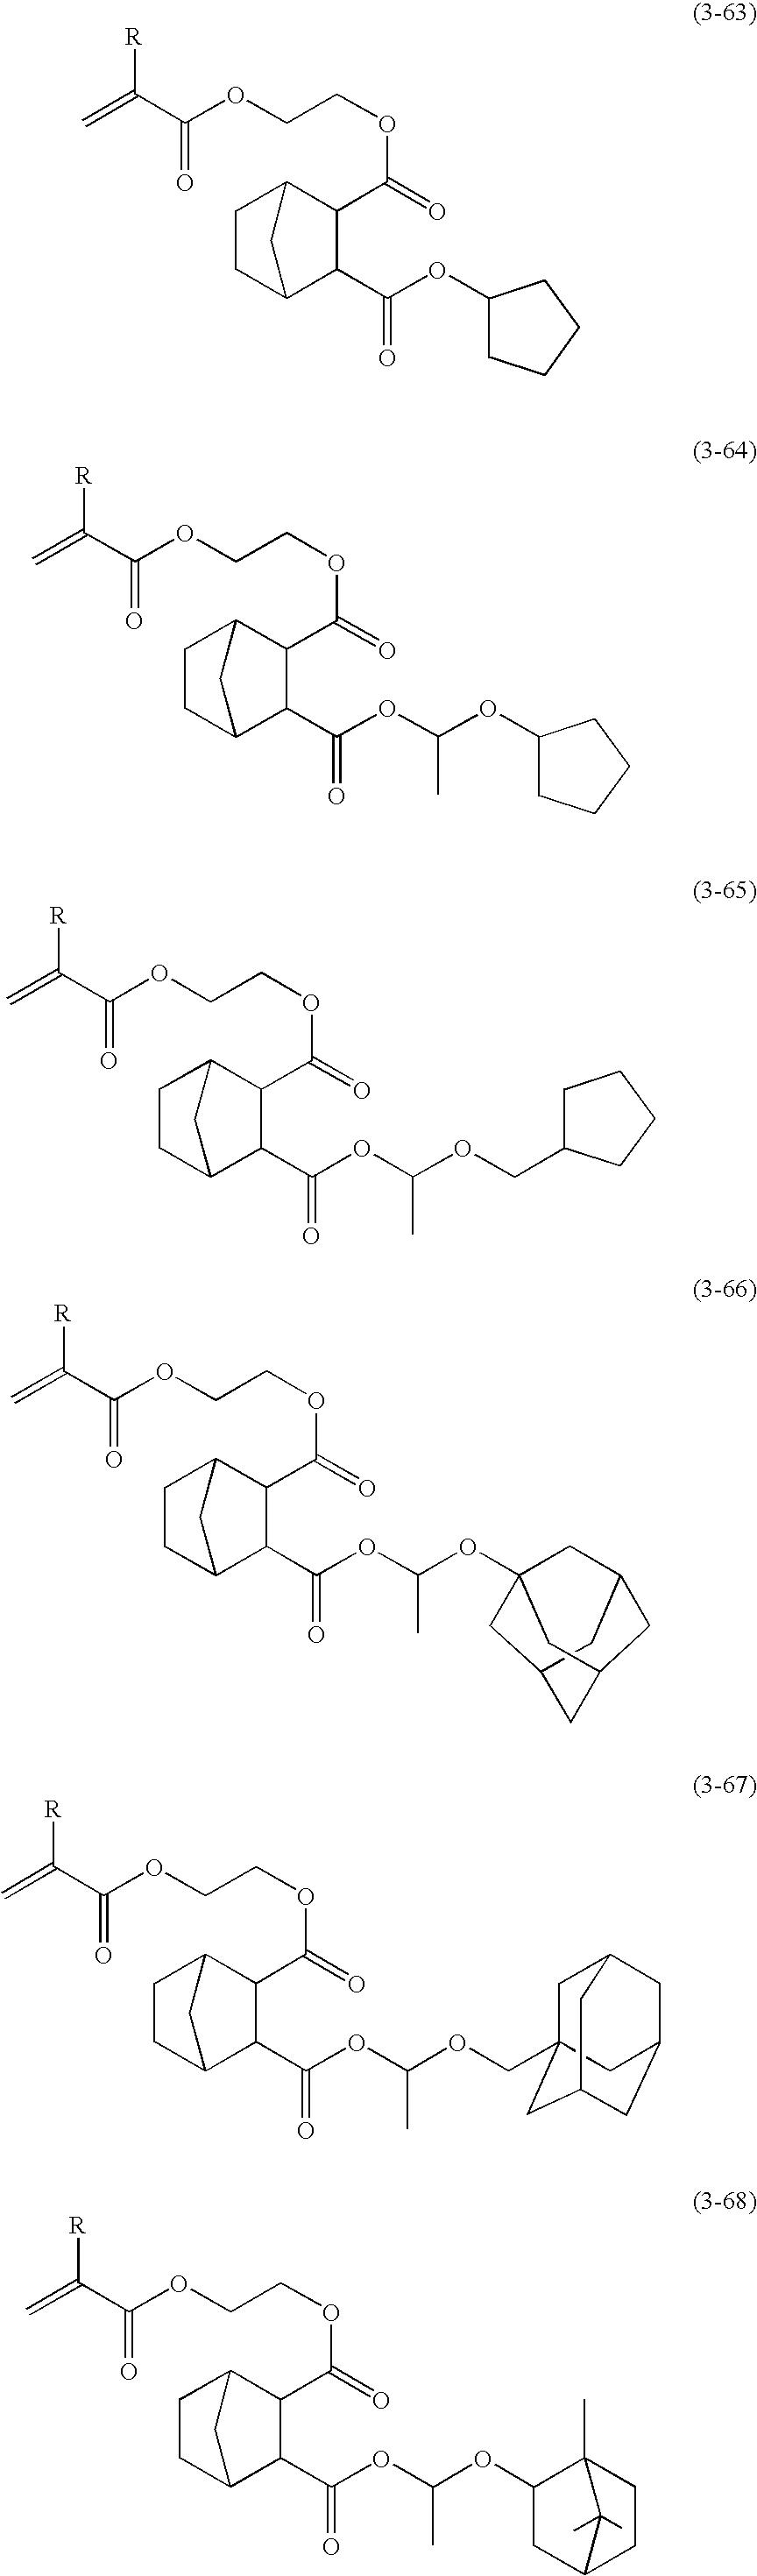 Figure US08114949-20120214-C00018